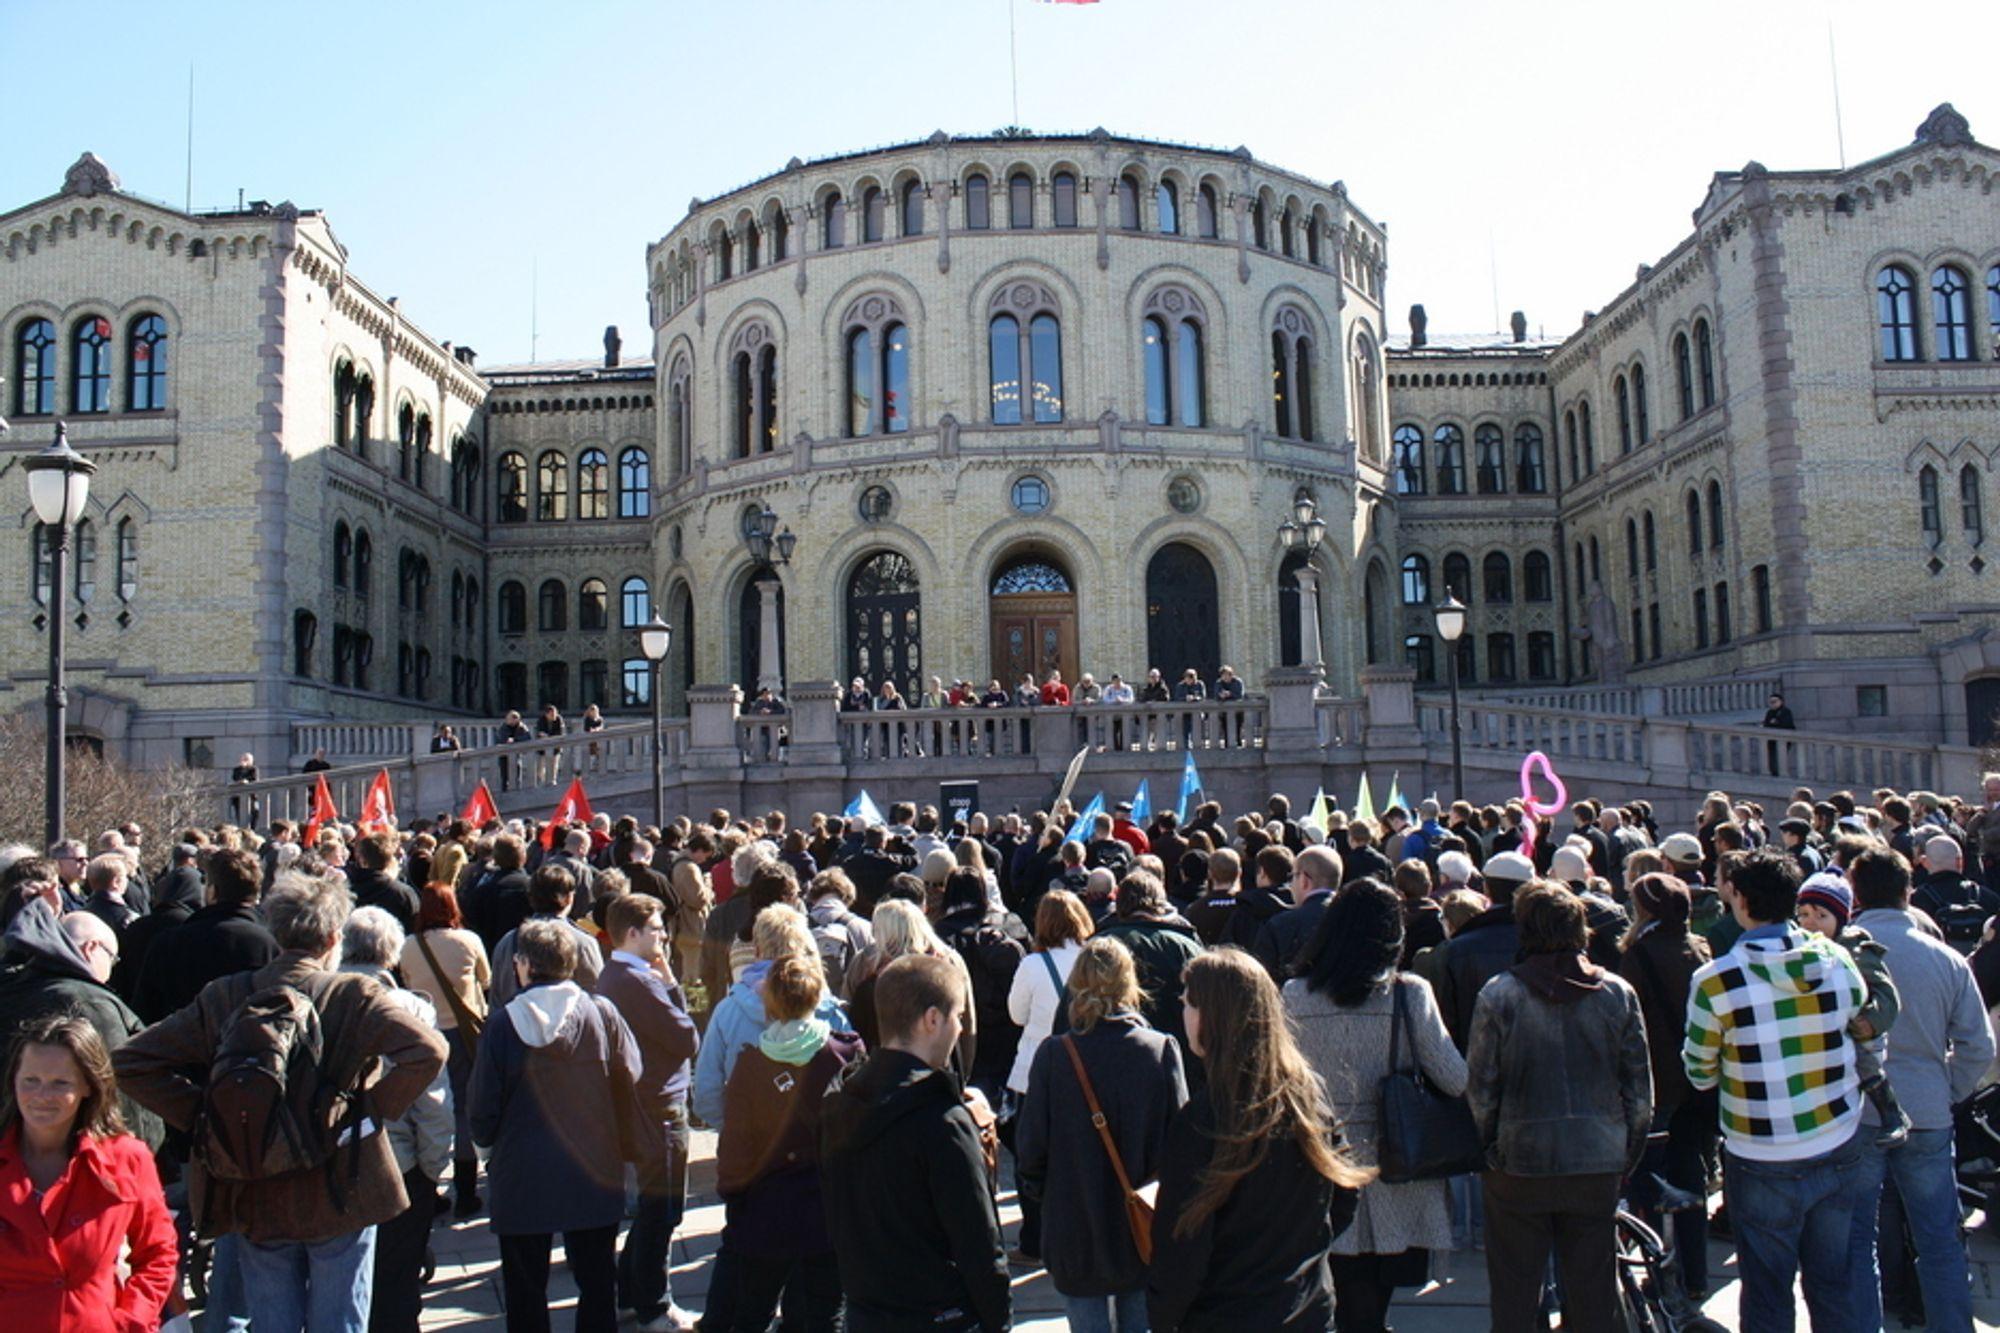 TRENGER HØYRES HJELP PÅ TINGET: Ikke uventet går Arbeiderpartiets stortingsgruppe samlet inn for å innføre datalagringsdirektivet i Norge. Men krangelen er langt fra over.